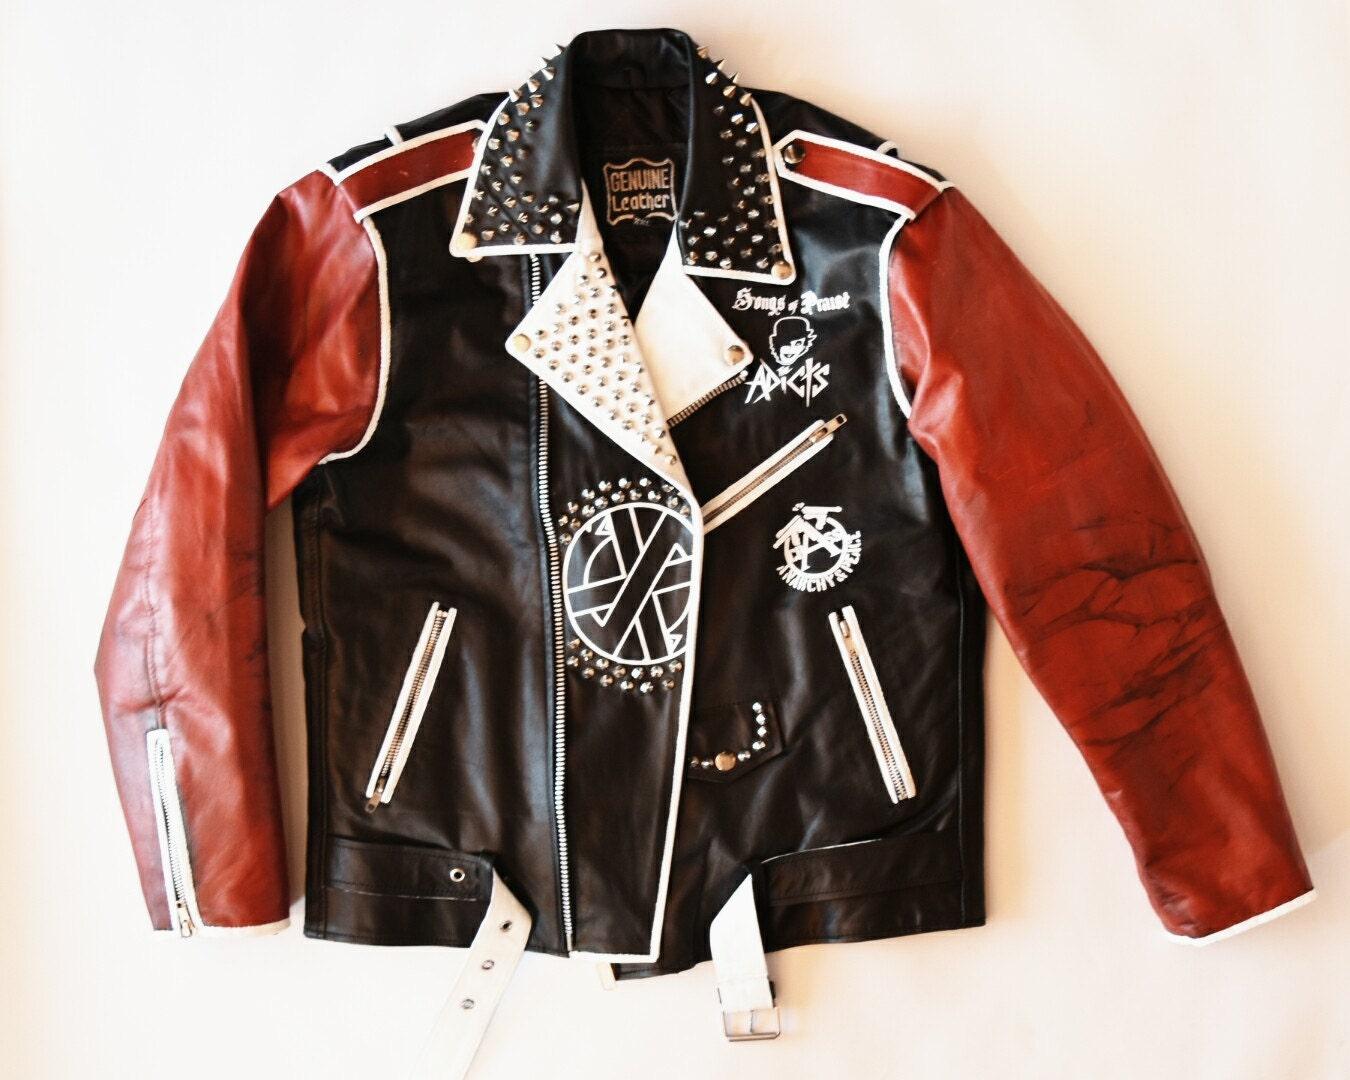 Customize leather jacket